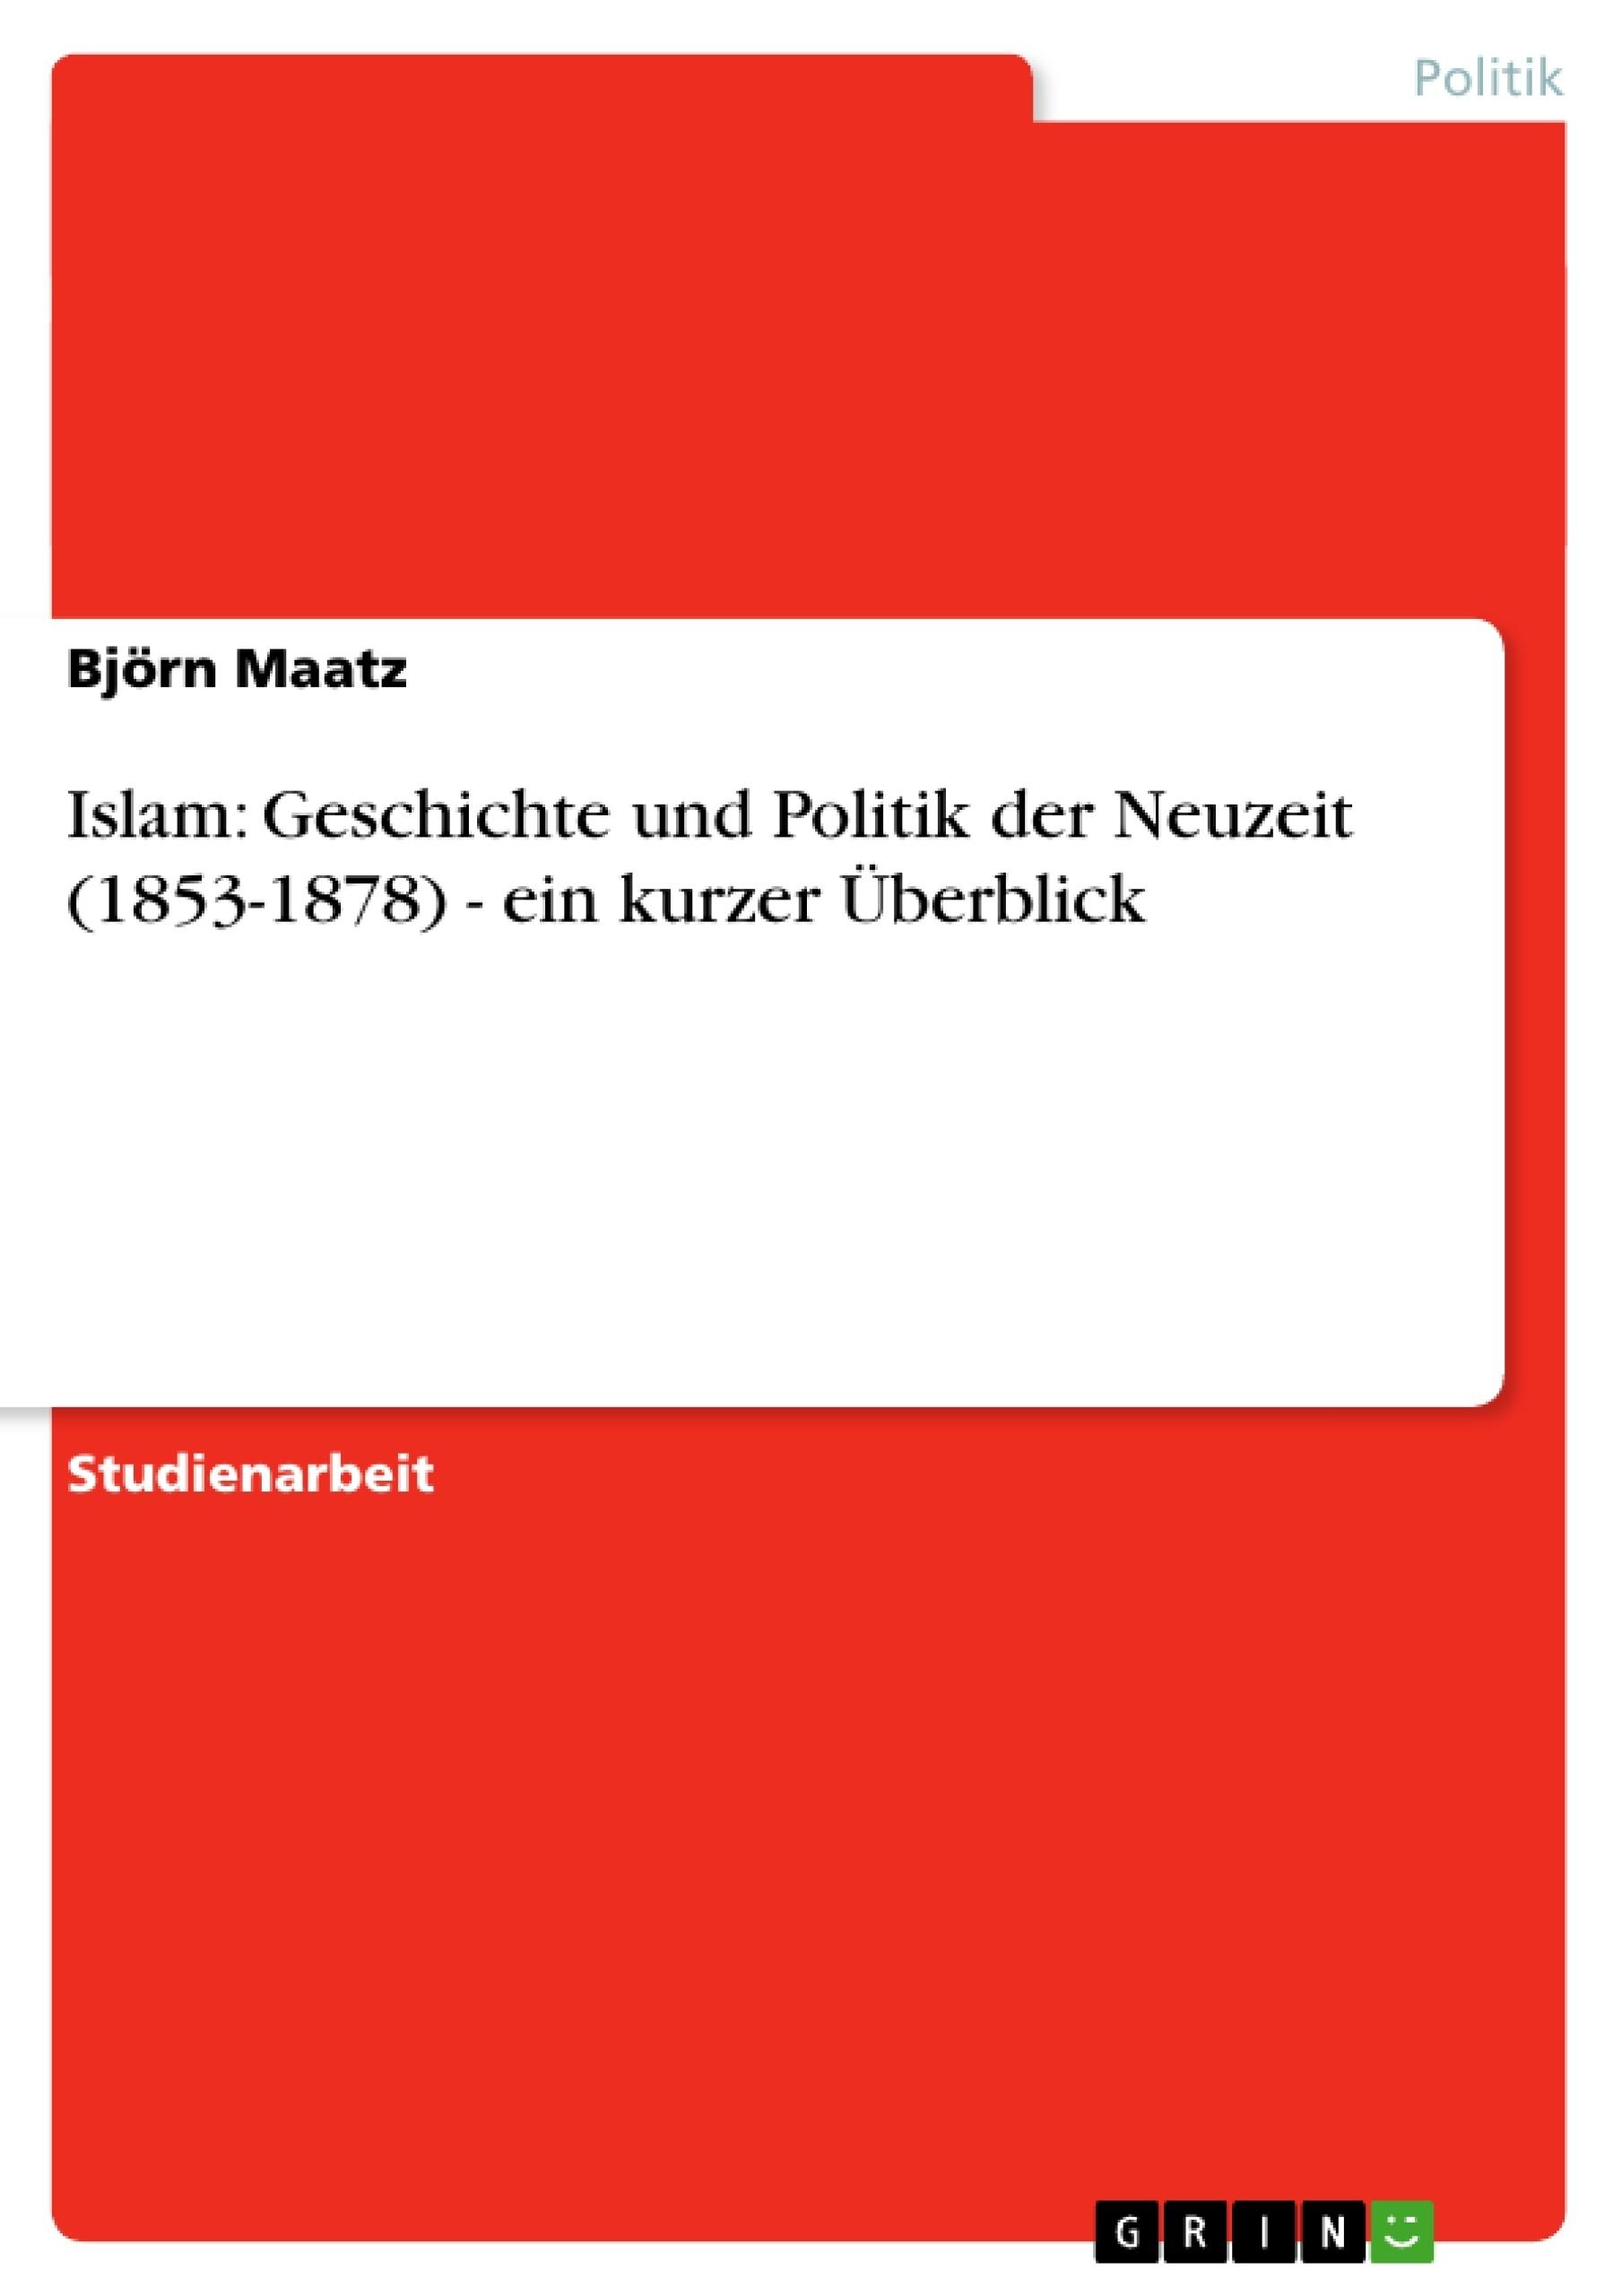 Titel: Islam: Geschichte und Politik der Neuzeit (1853-1878) - ein kurzer Überblick